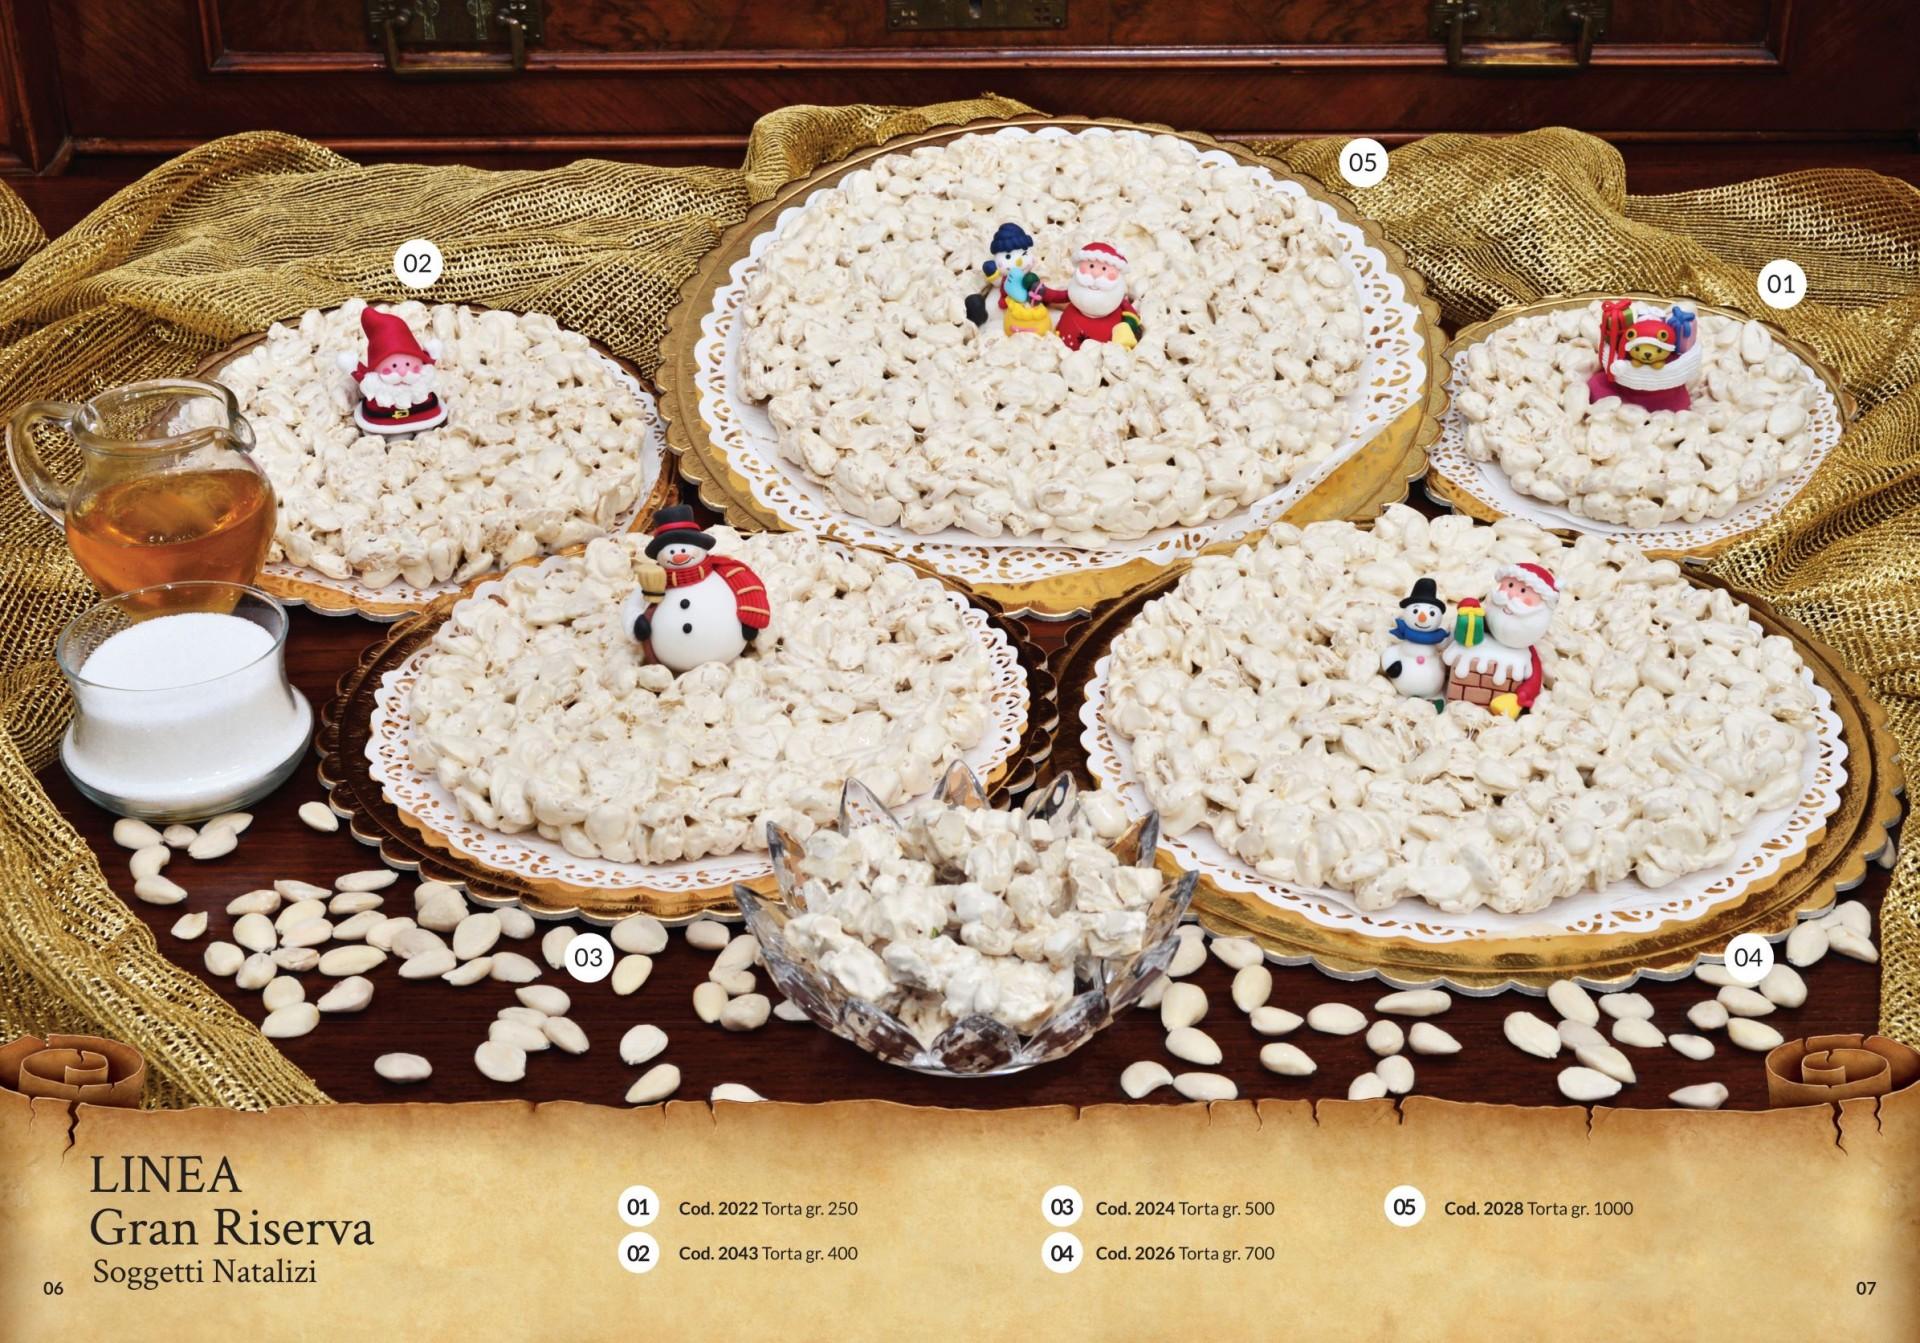 gli-speziali-di-cologna-veneta-linea-gran-riserva-torte-di-mandorlato-soggetti-natalizi.jpg